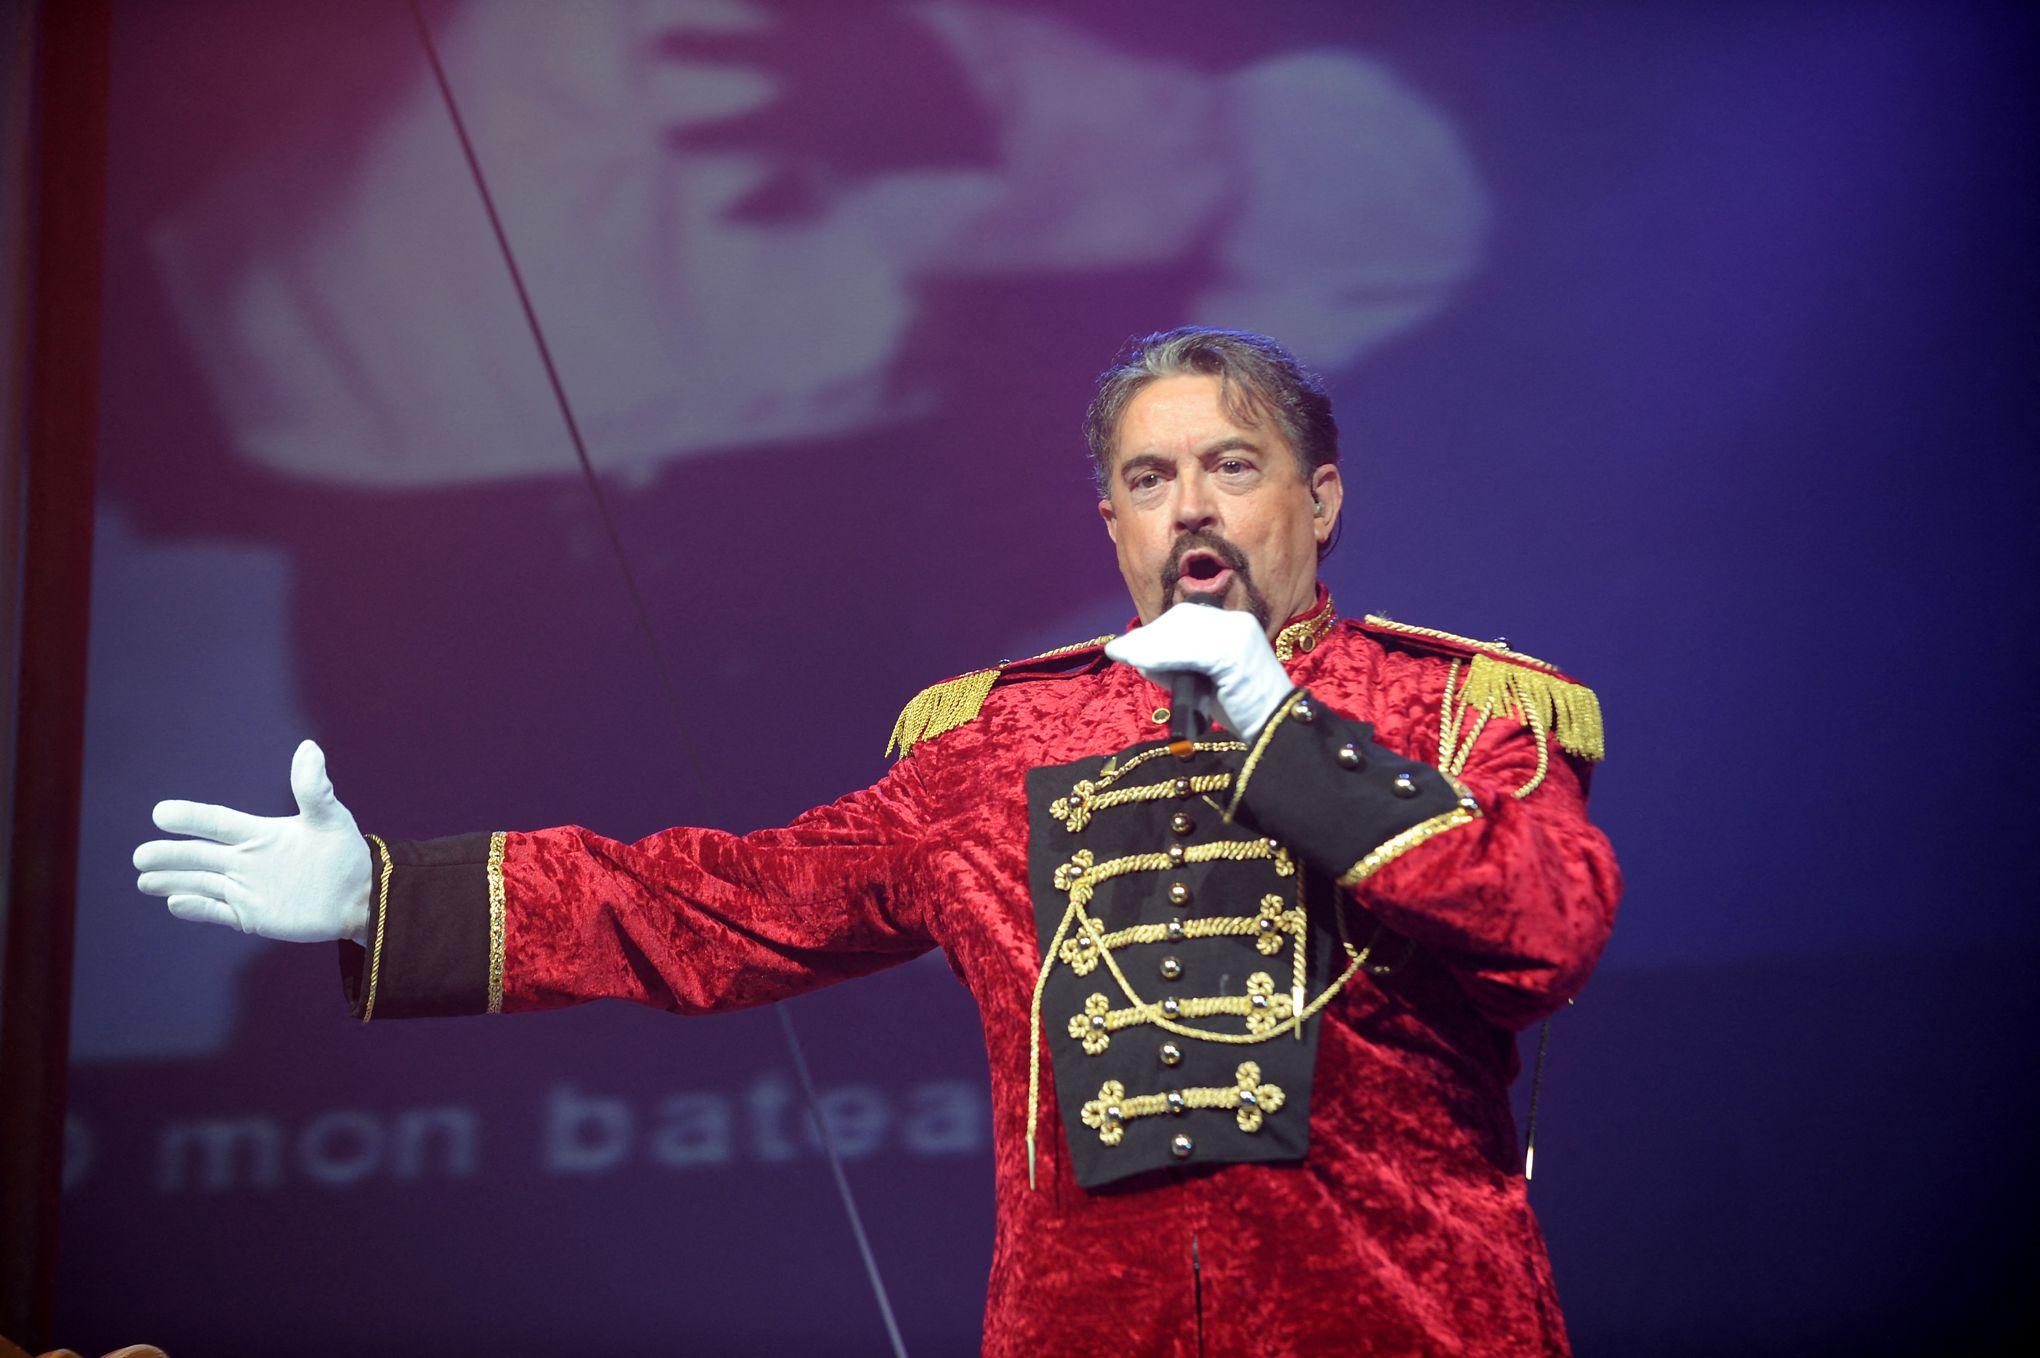 Éric Morena, interprète du tube Oh! Mon bateau, est mort